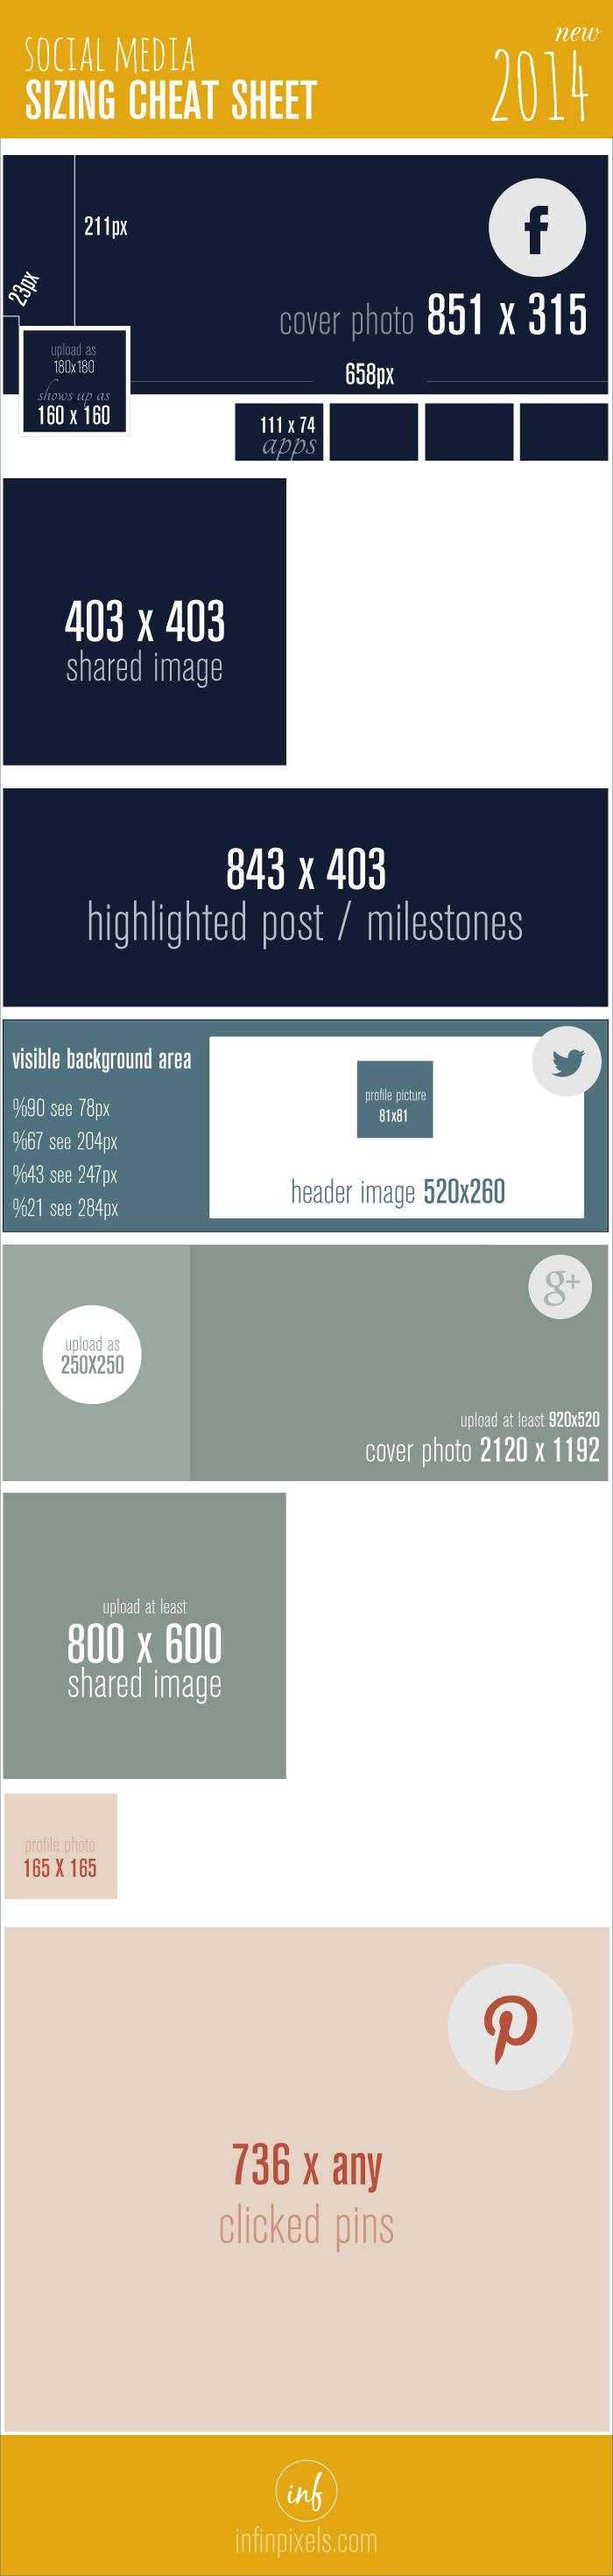 Bildgrößen soziale Netzwerke - Infografik für Facebook, Twitter, Google+ und Pinterest